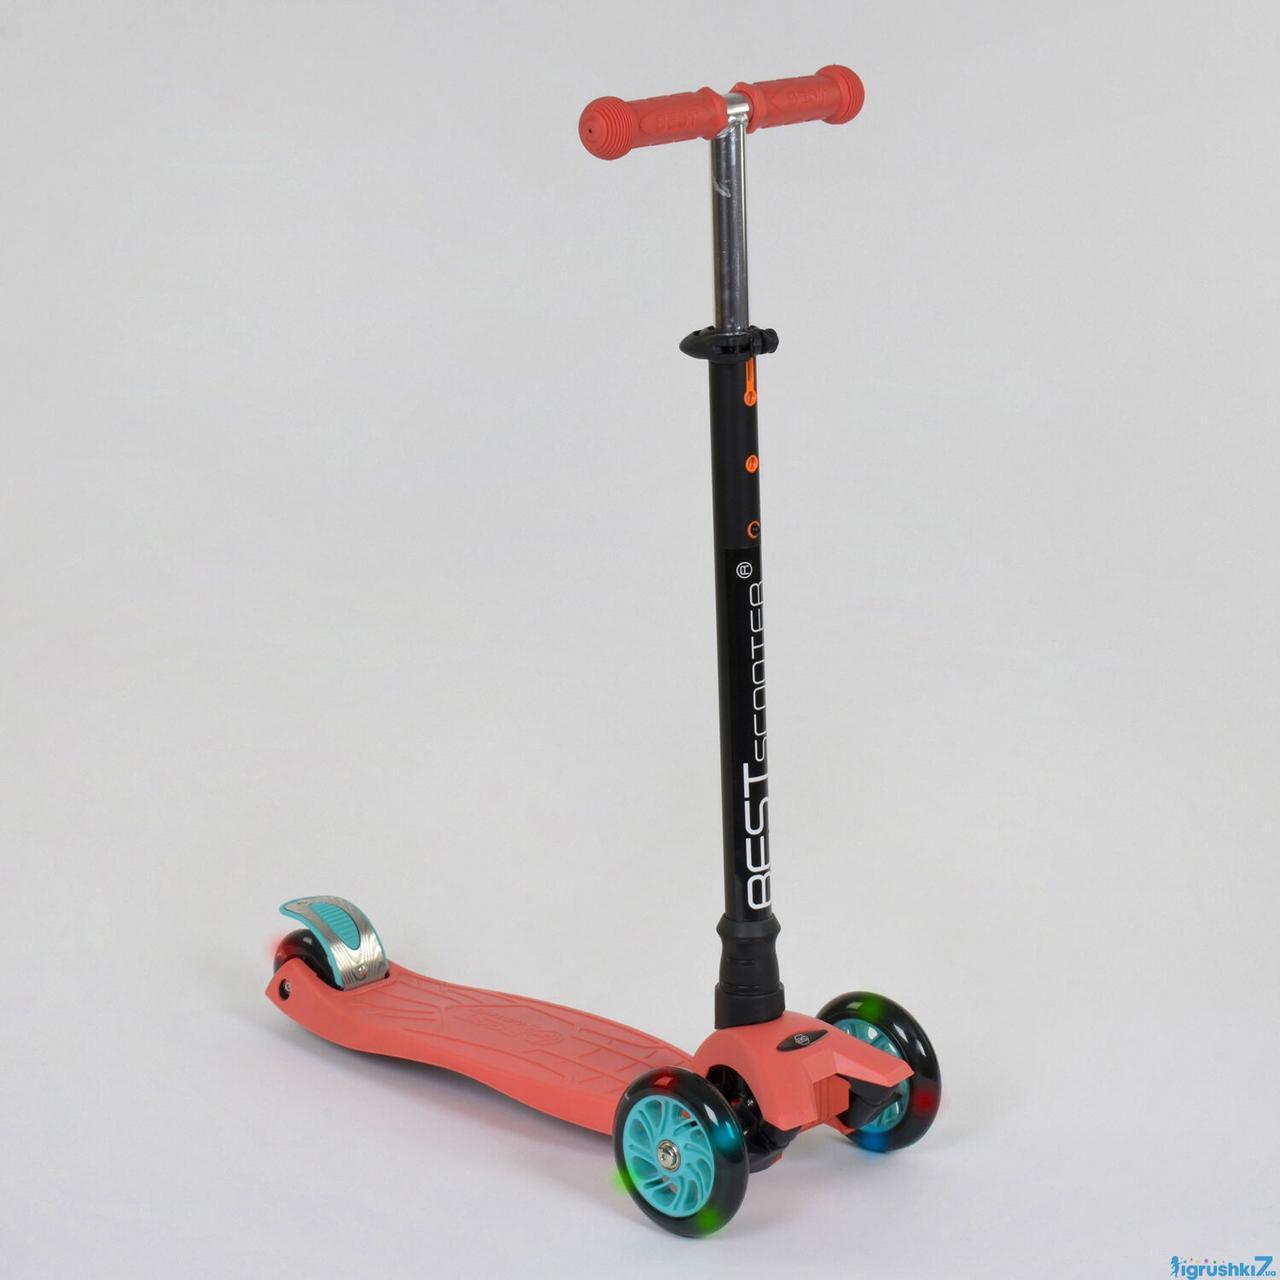 Детский трехколесный самокат Best Scooter 466-113/A 24439 MAXI терракотовый